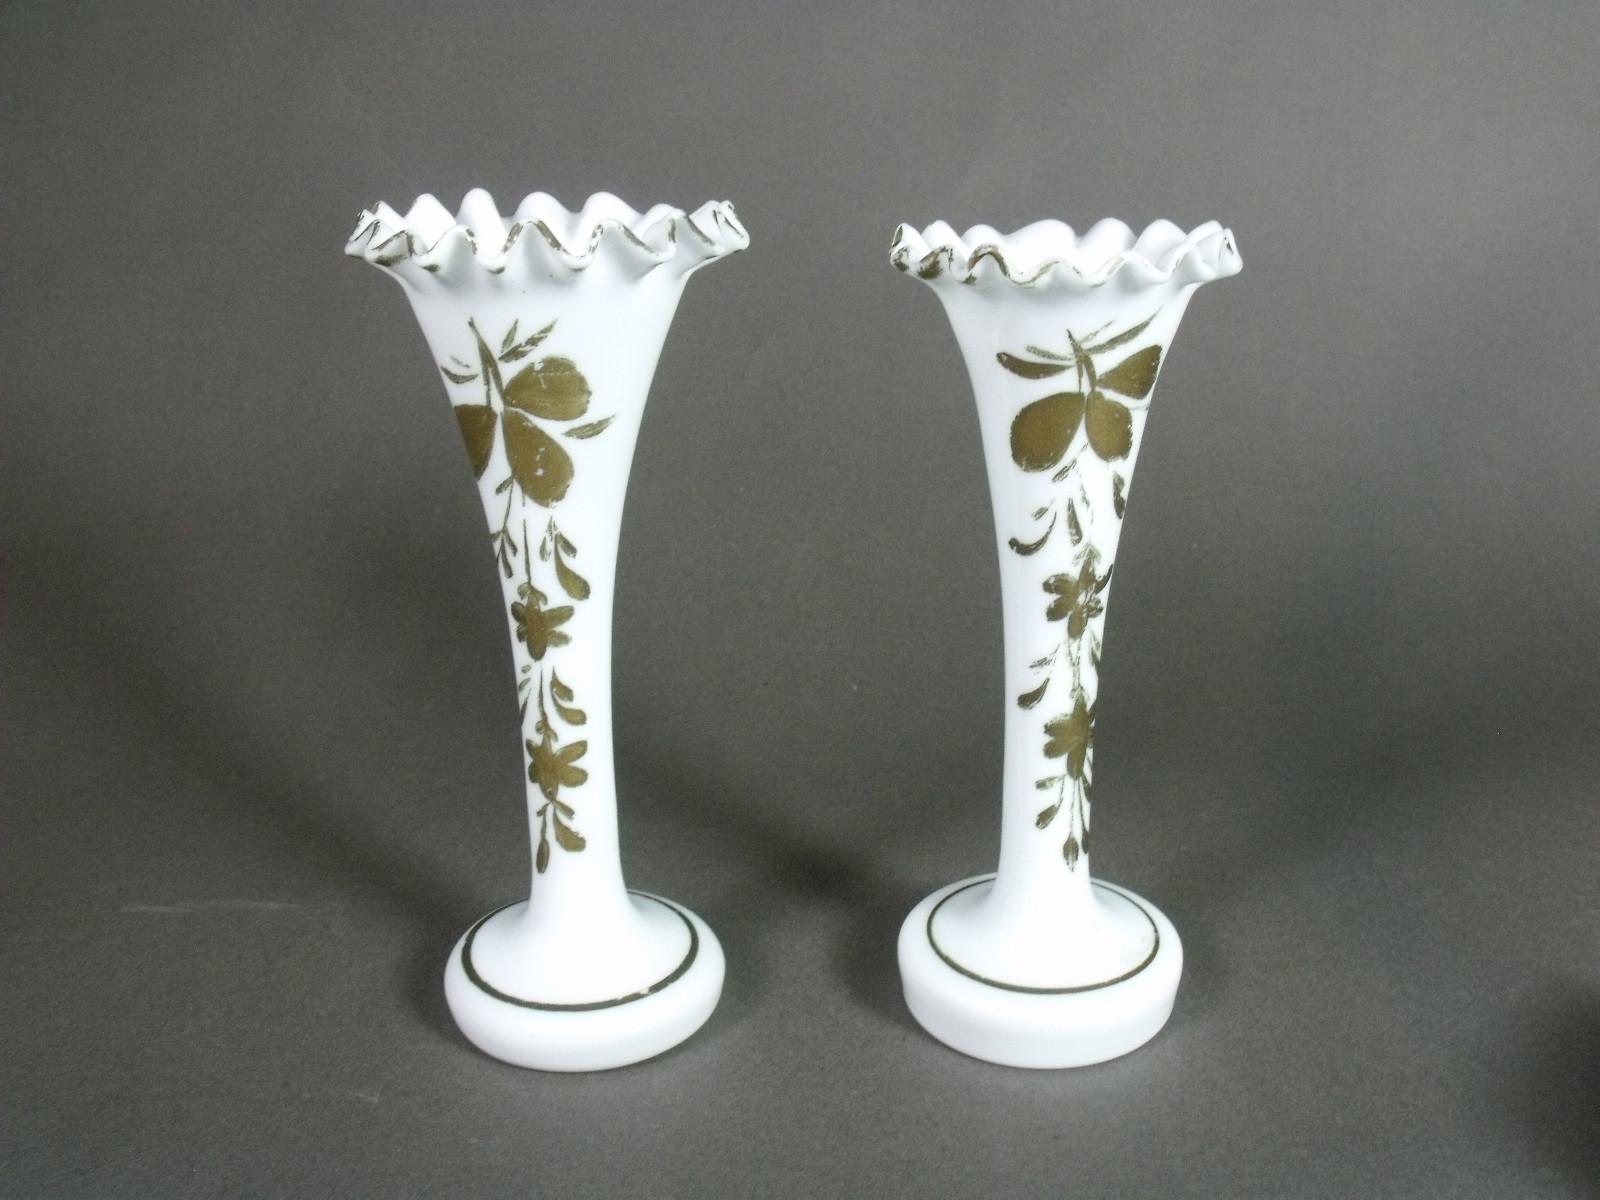 Kralik Glass Vase Of Para Szklanych Flakonika³w Stare Rwane Szka'o 7511413836 Allegro Pl Intended for Para Szklanych Flakonika³w Stare Rwane Szka'o 7511413836 Allegro Pl Wia™cej Nia¼ Aukcje